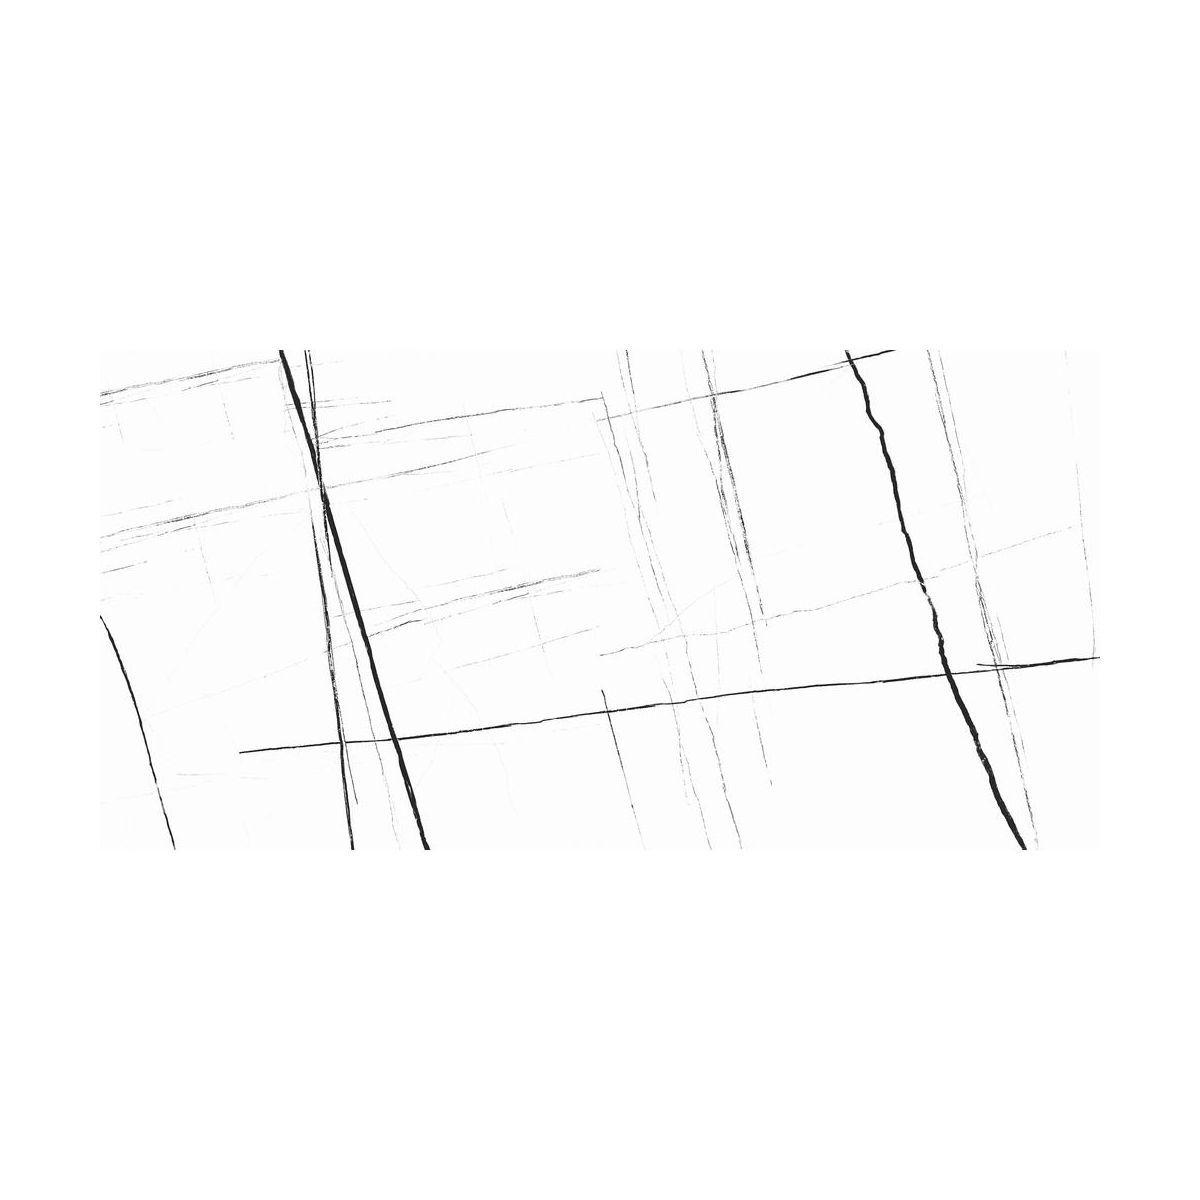 Gres Szkliwiony Equator White 59 7 X 119 7 Marmara Gres W Atrakcyjnej Cenie W Sklepach Leroy Merlin Line Chart Chart